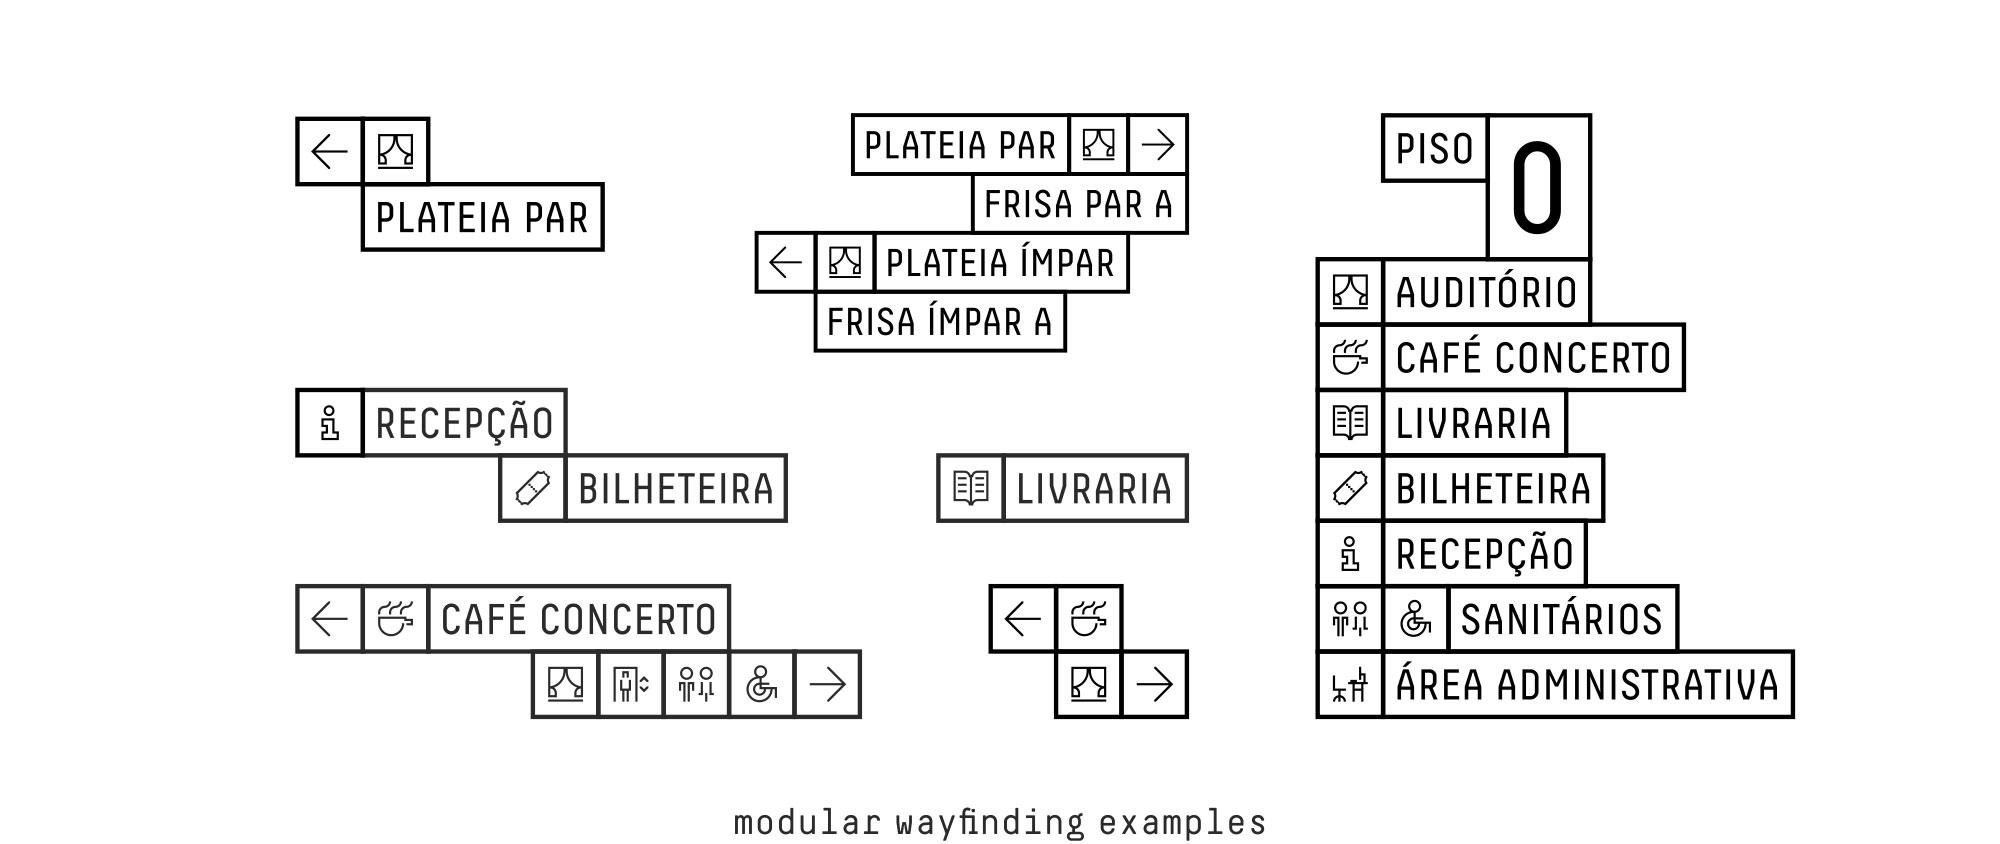 modular wayfinding